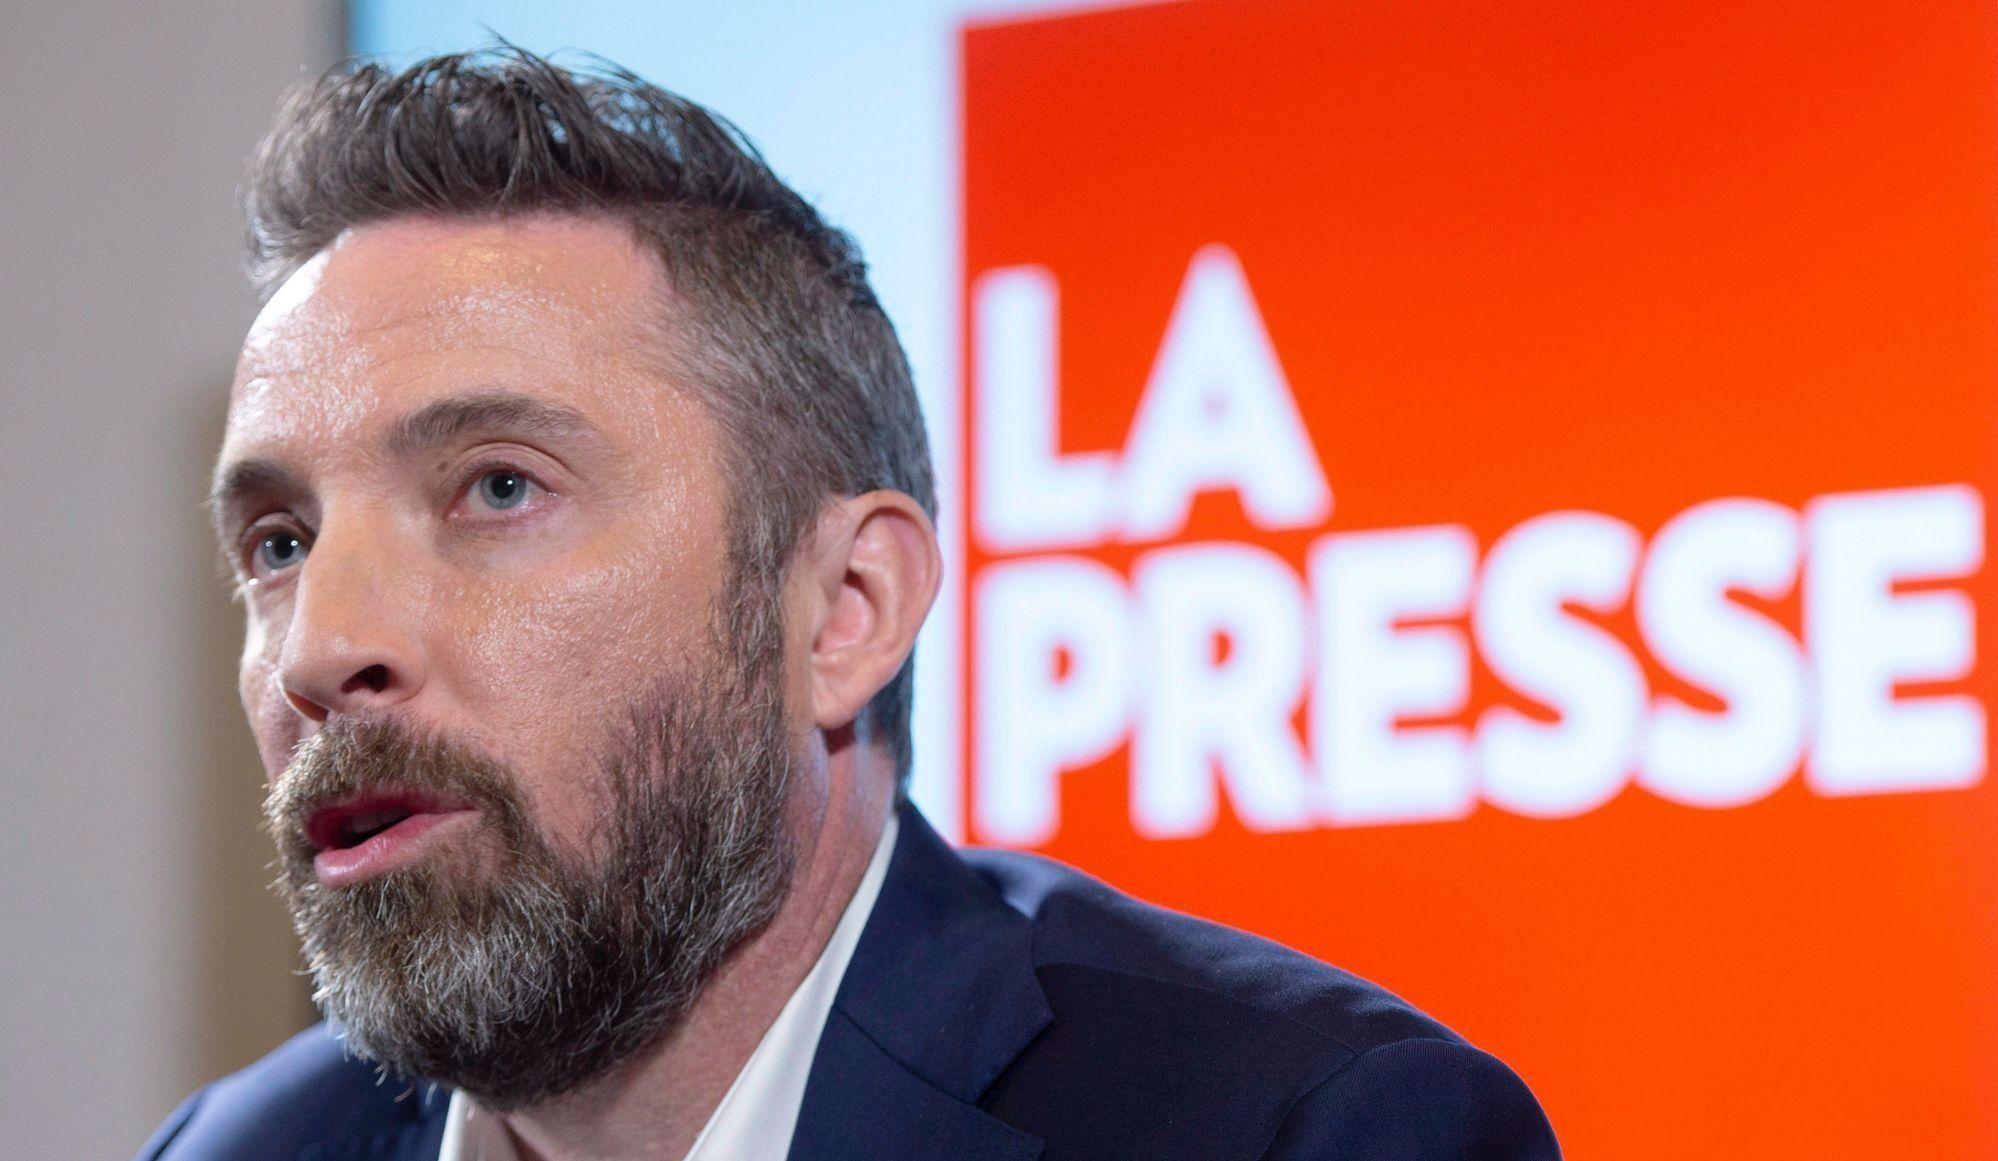 La Presse: le PQ votera contre le principe du projet de loi